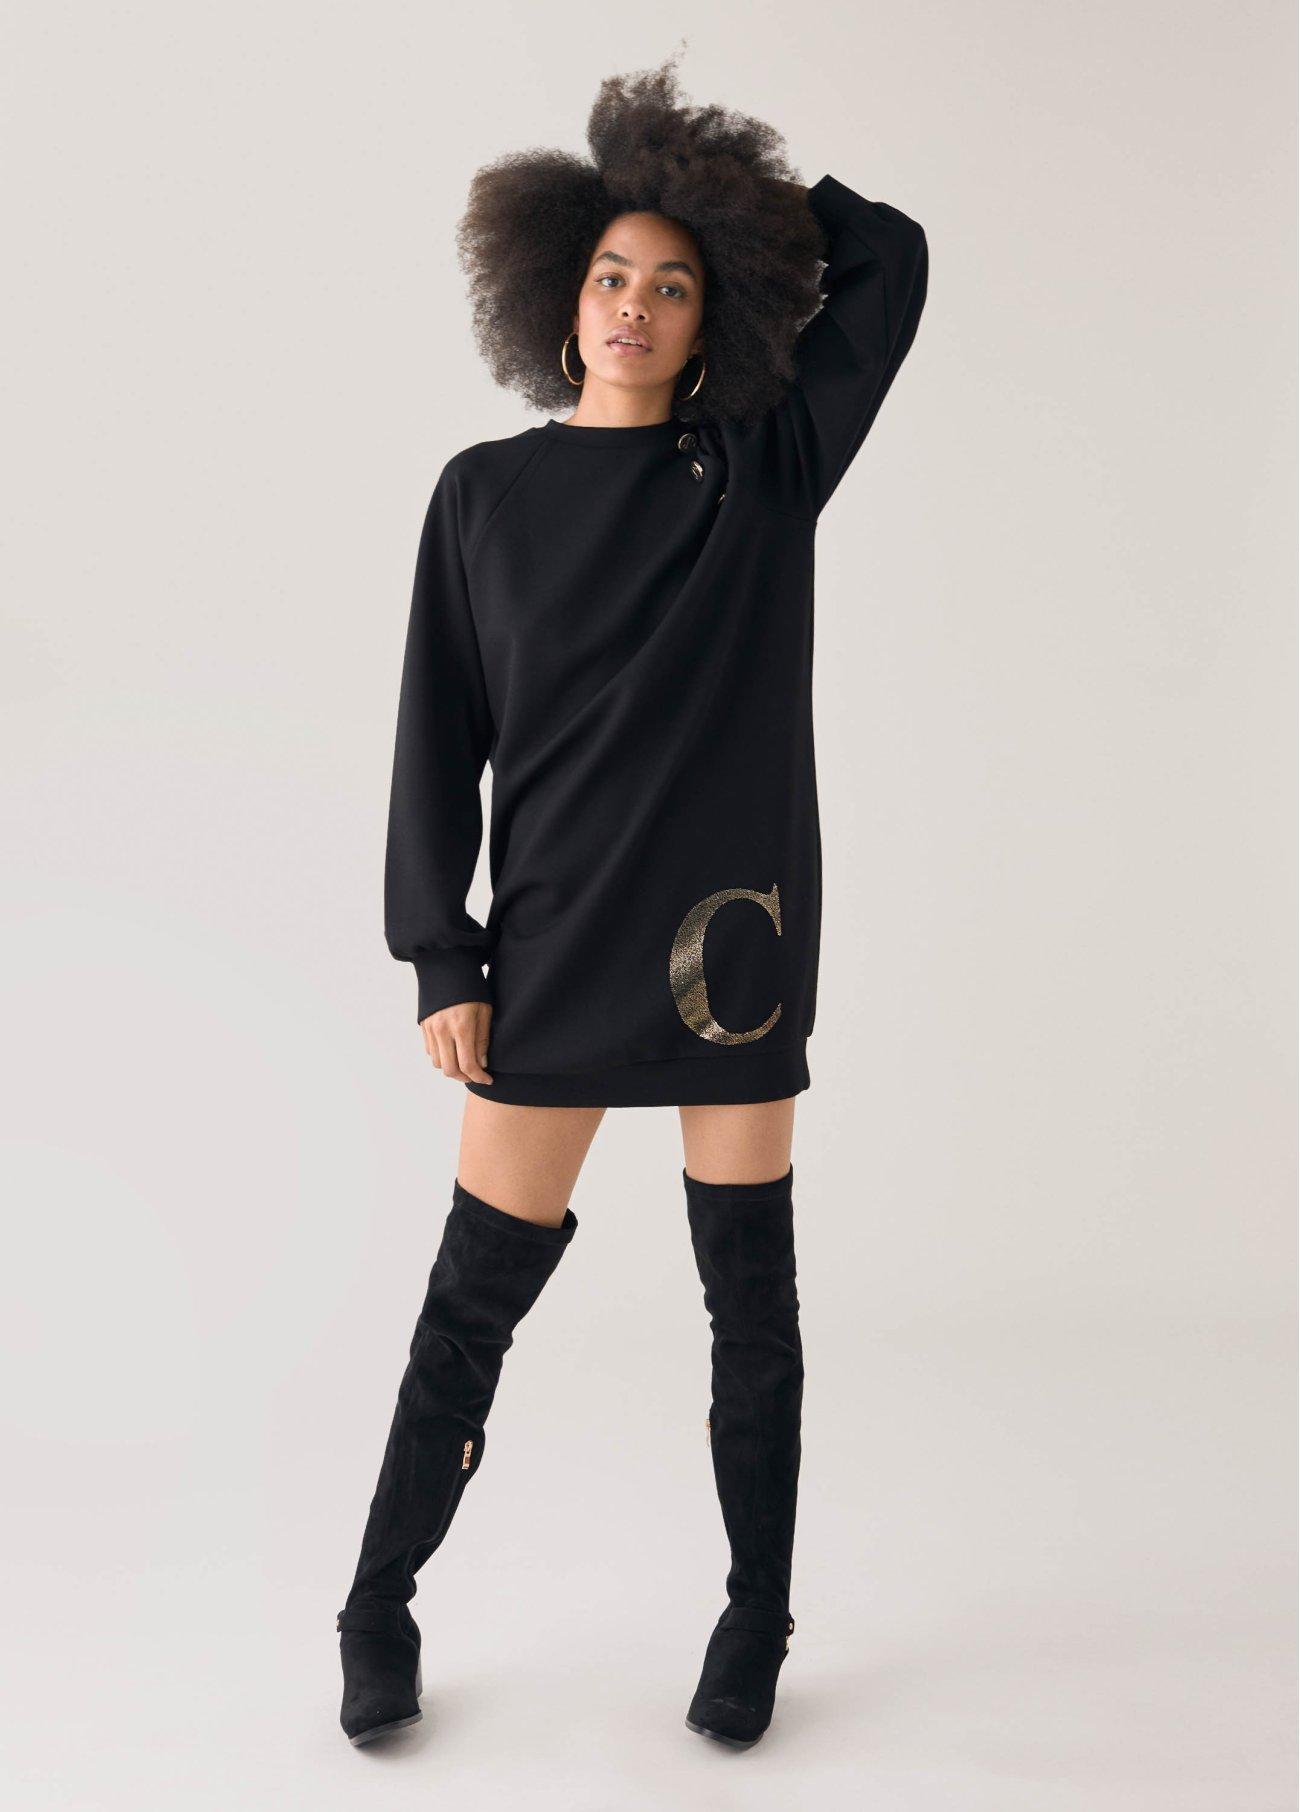 Vestido con detalle letras, negro 2